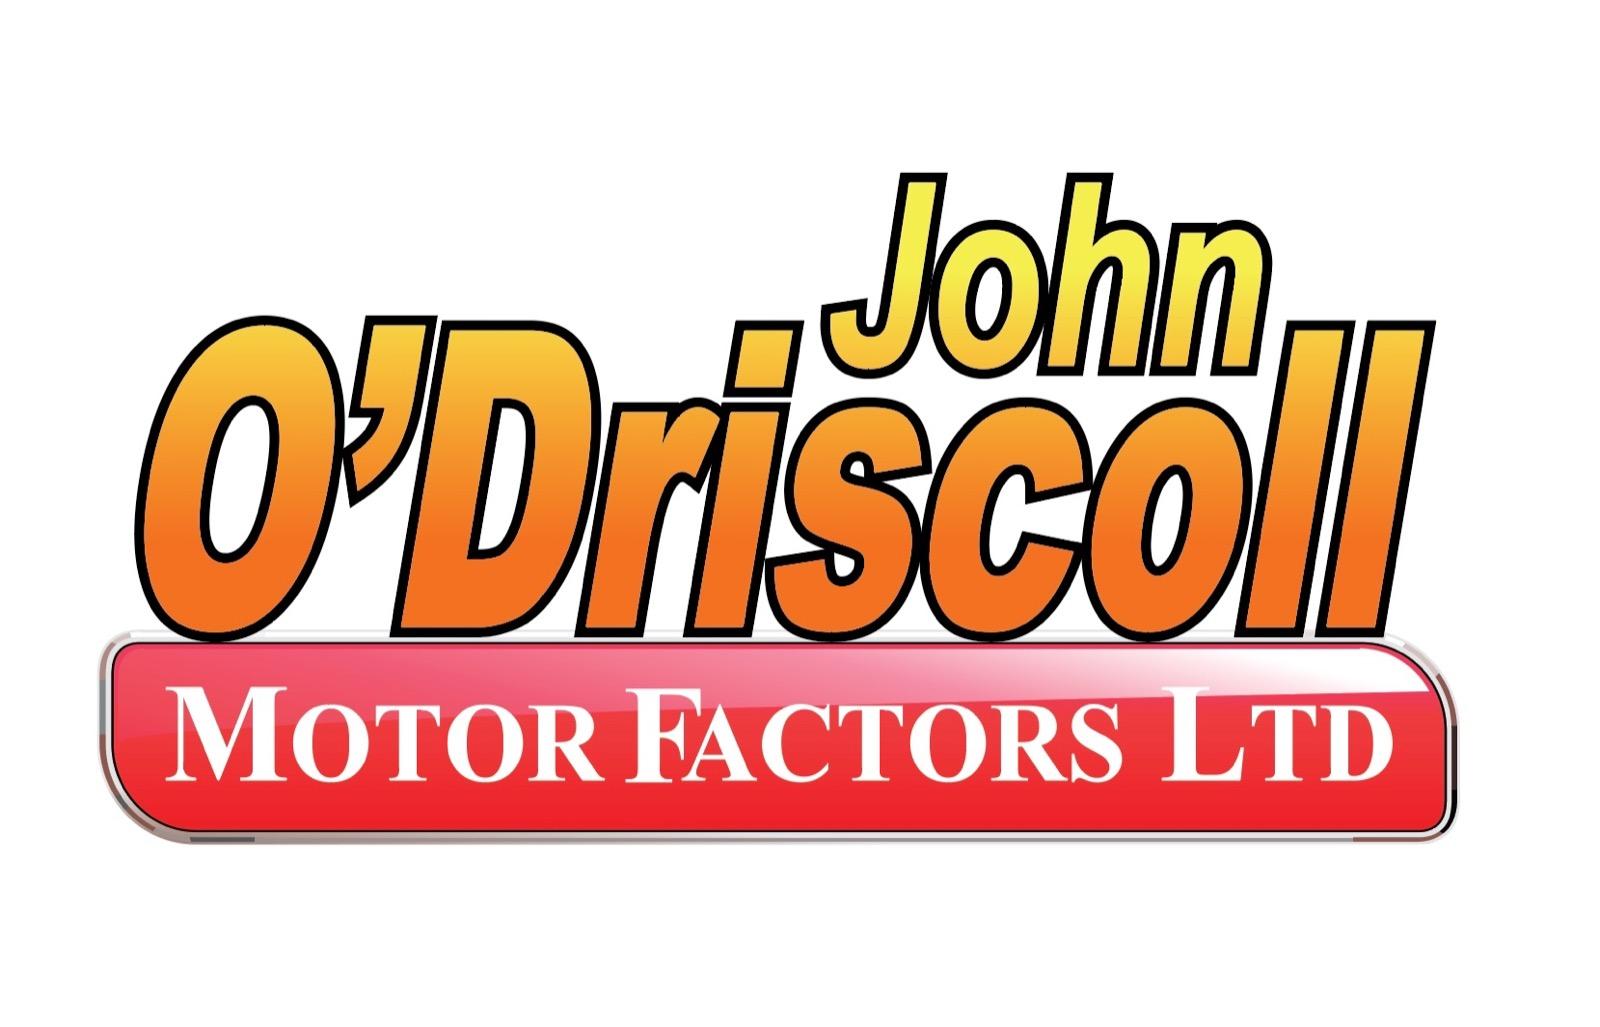 John O'Driscoll Motor Factors